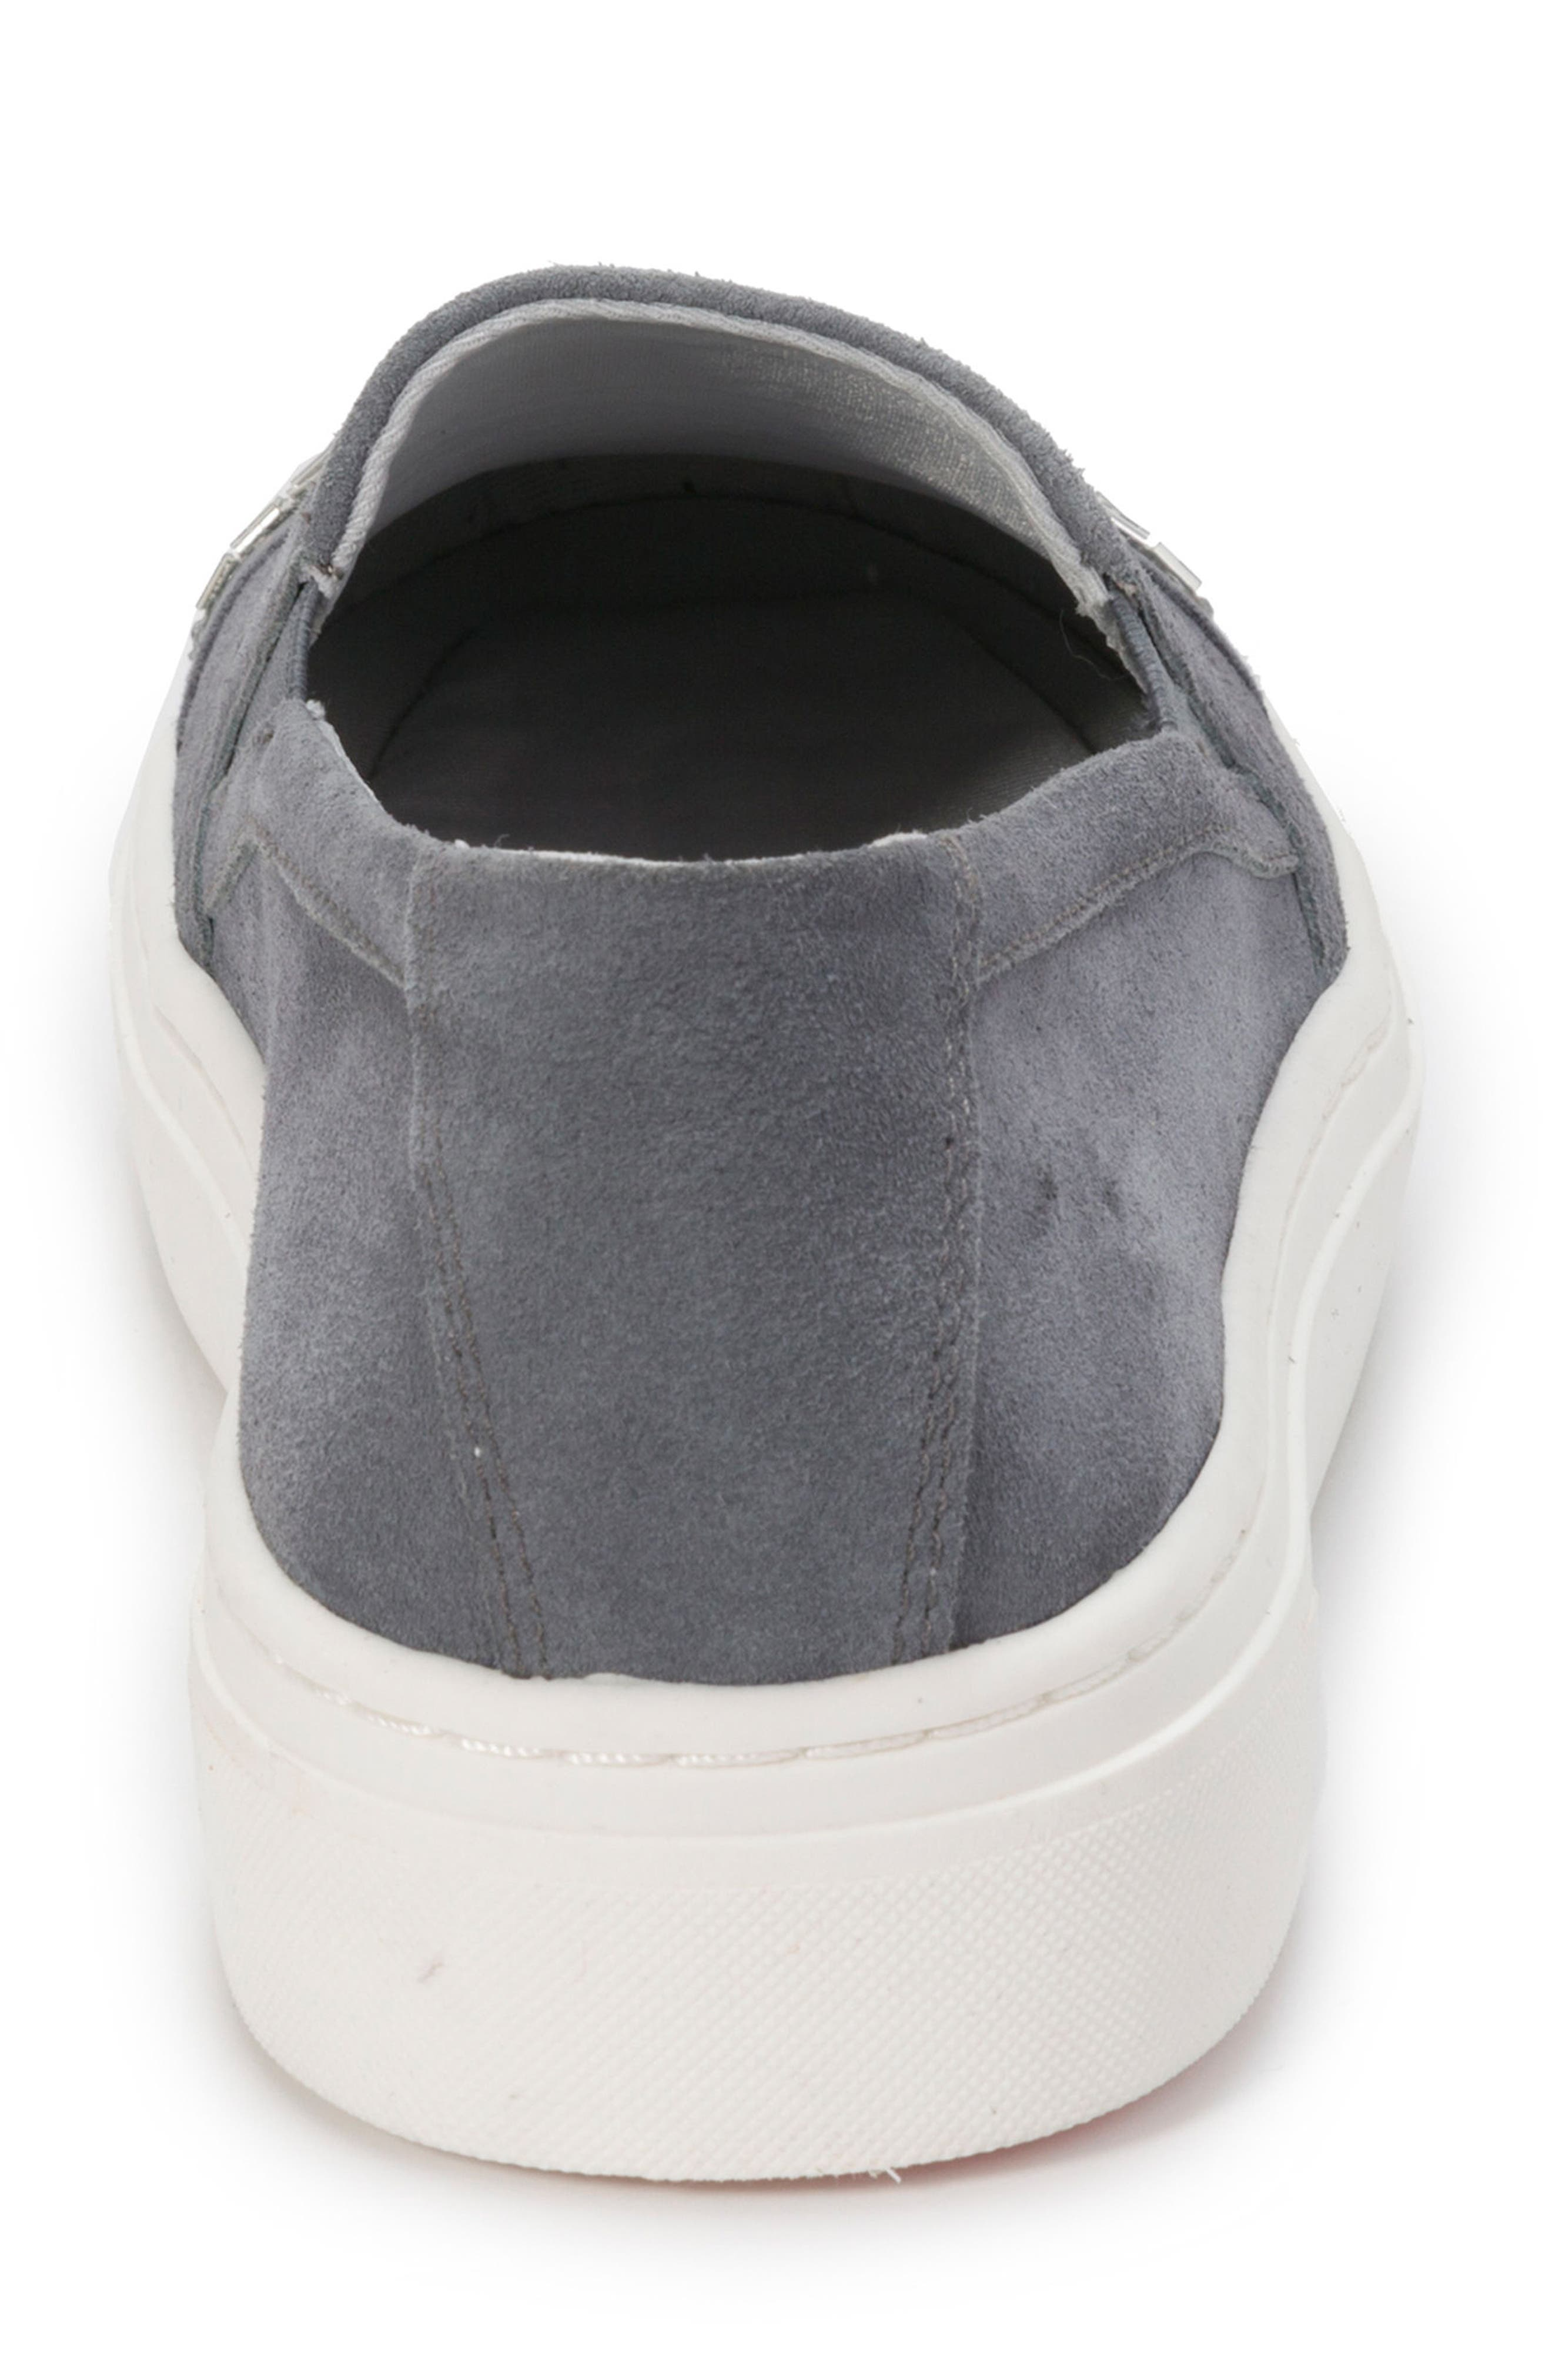 Finley Slip-On Sneaker,                             Alternate thumbnail 7, color,                             DENIM BLUE SUEDE